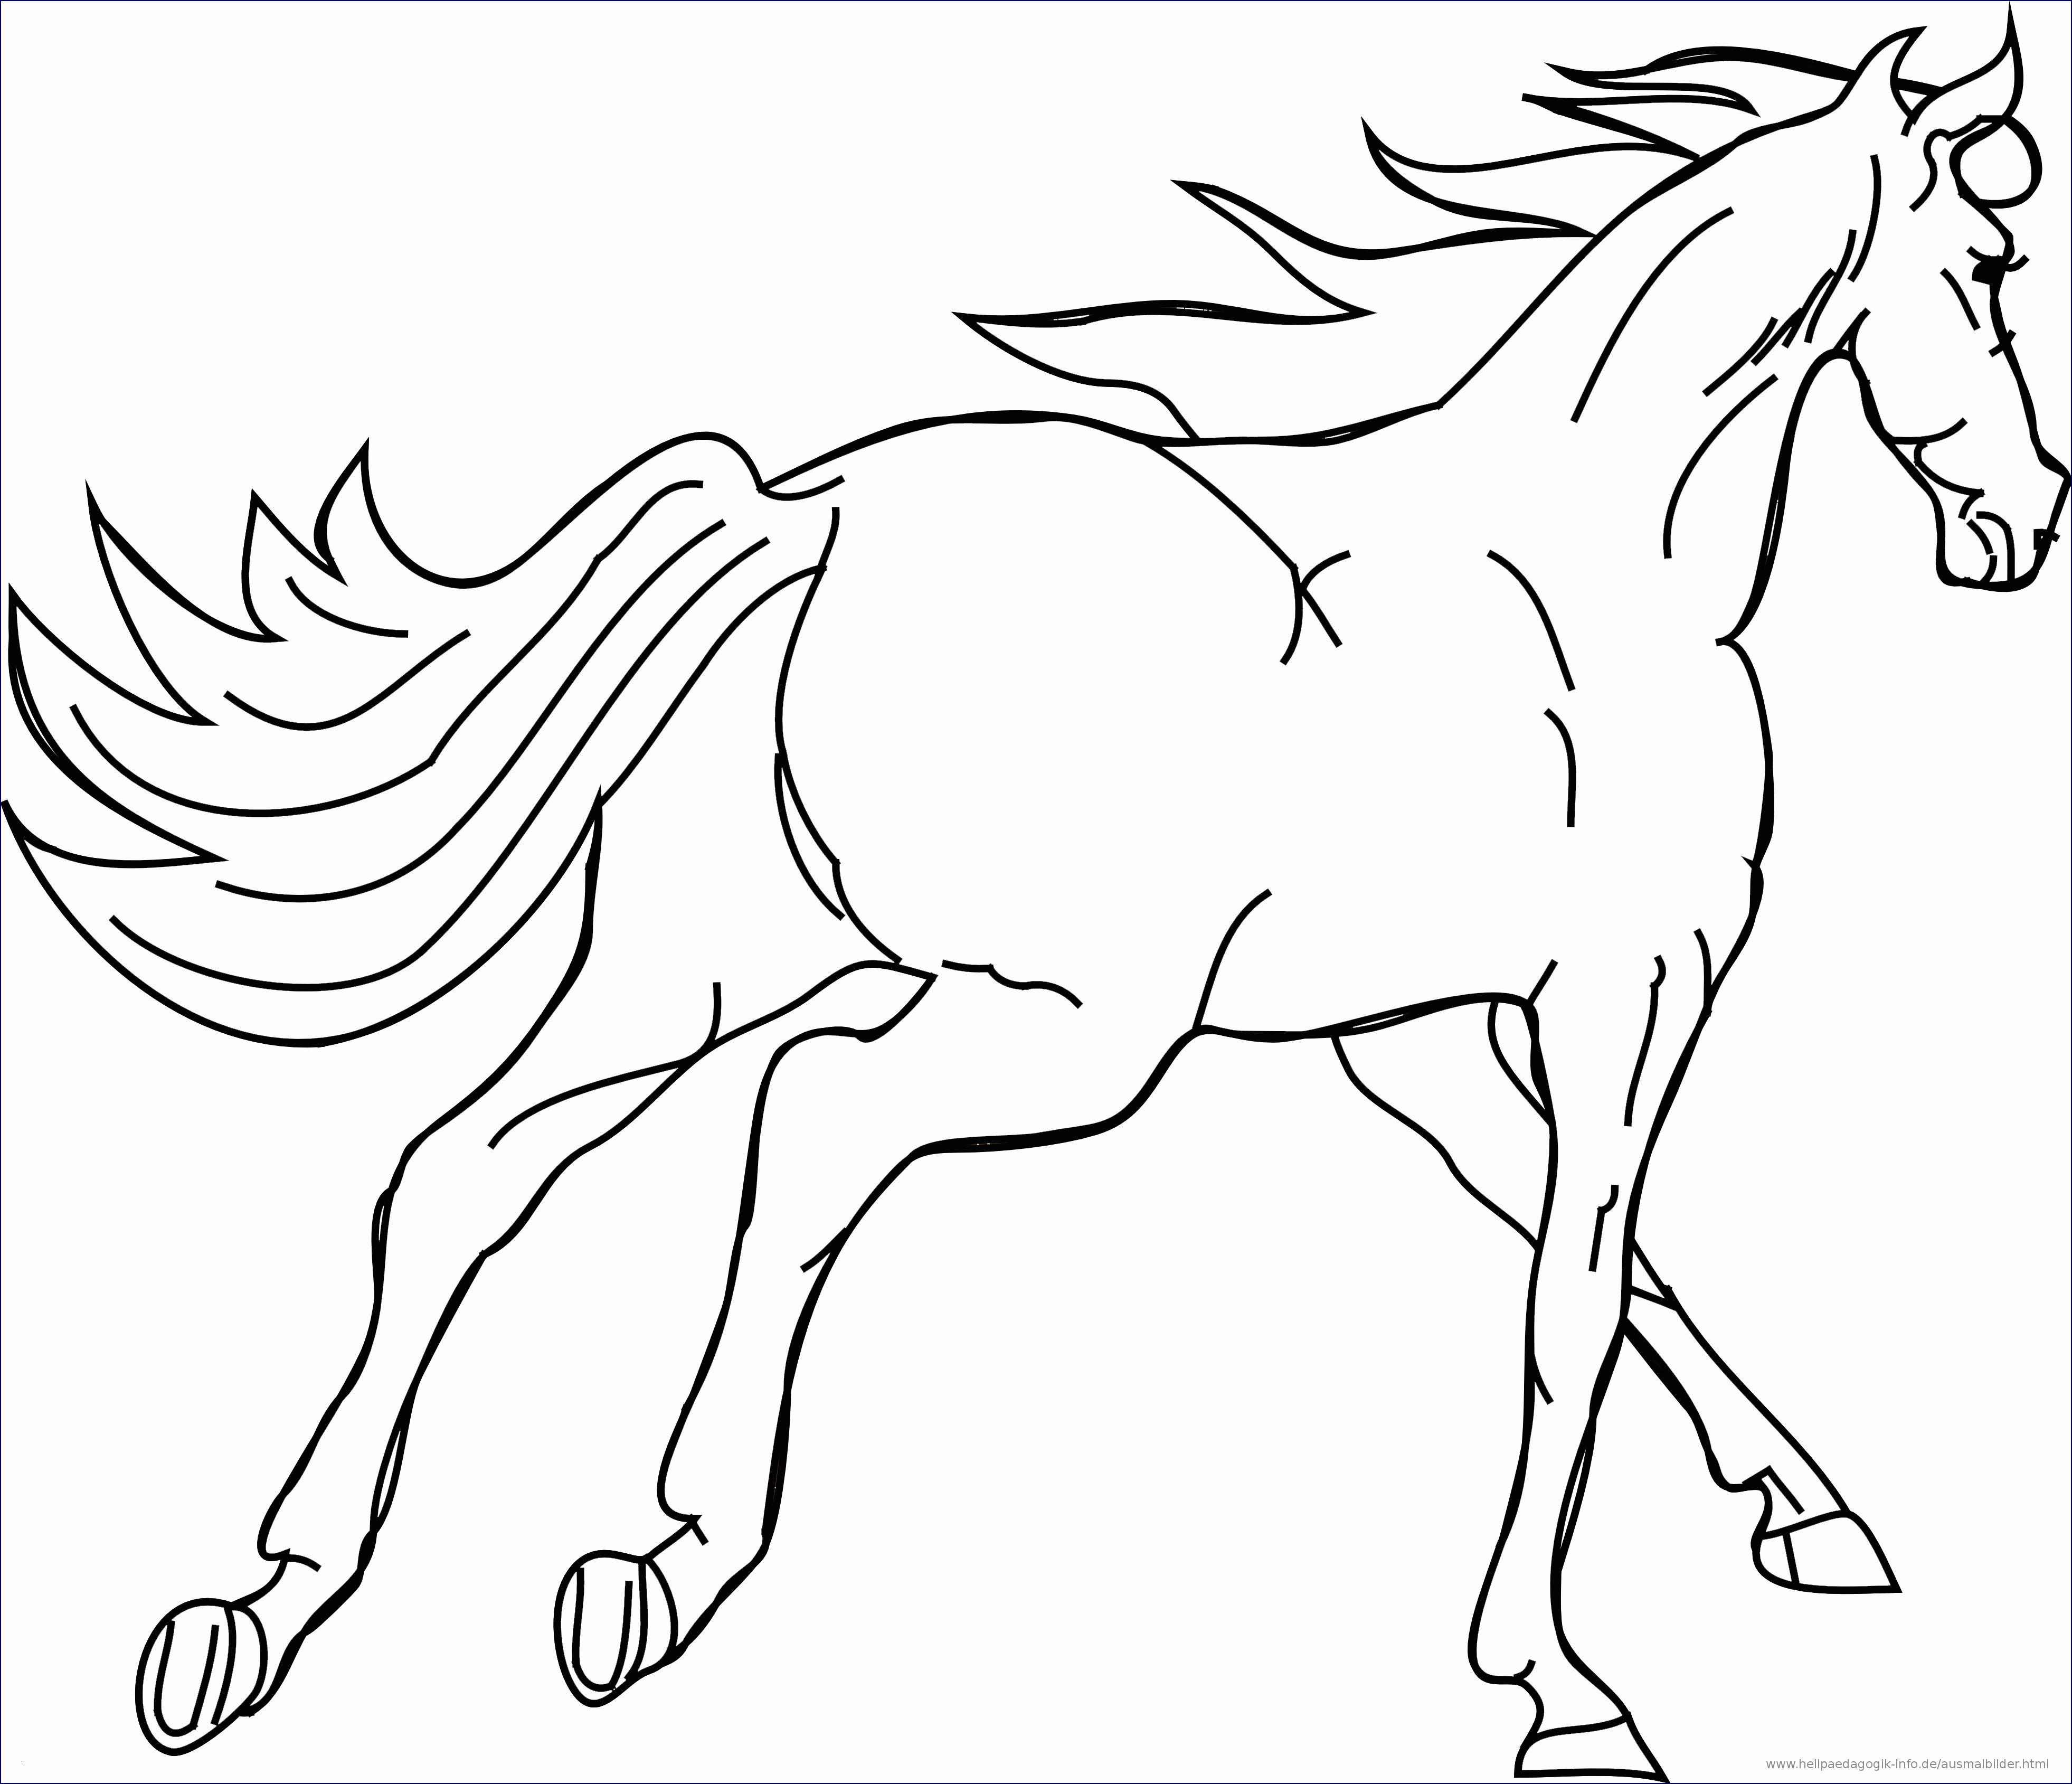 Pferde Ausmalbilder Zum Drucken Einzigartig 38 Ausmalbilder Pferde Mit Fohlen Scoredatscore Luxus Pferde Galerie